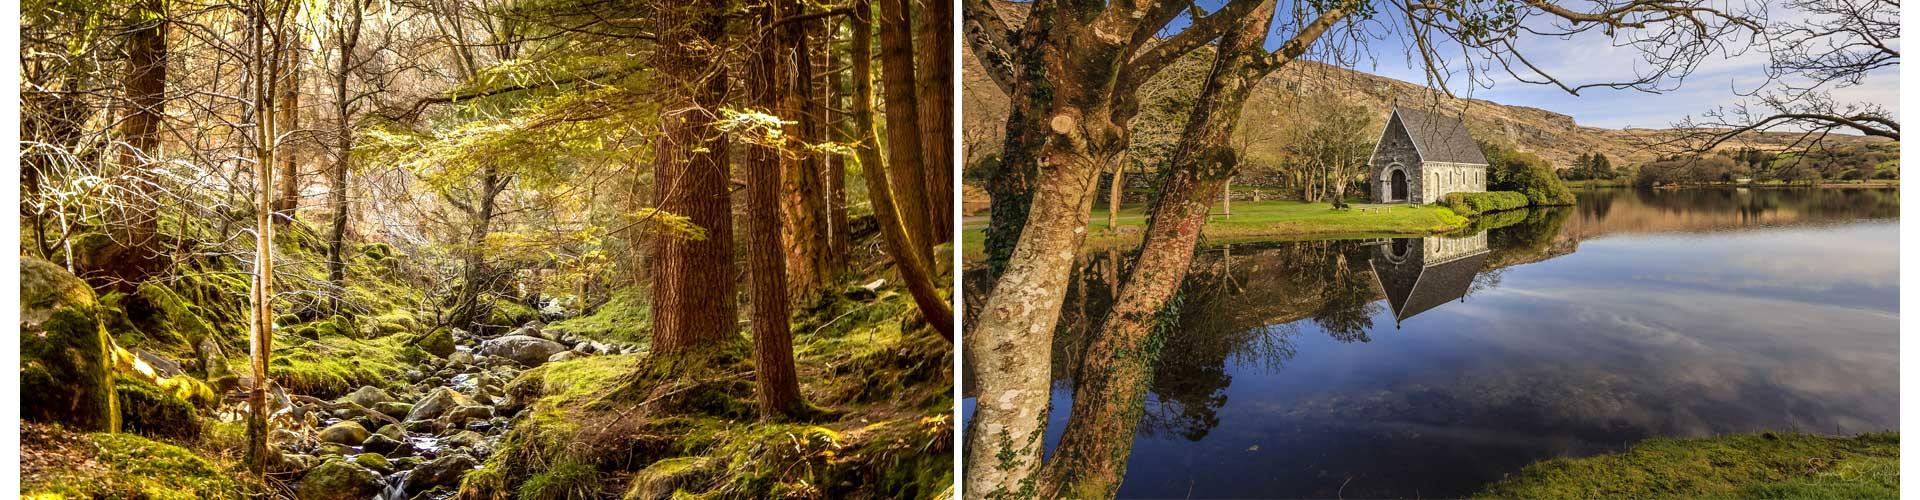 Irland Reisetagebuch Wald Hütte am See